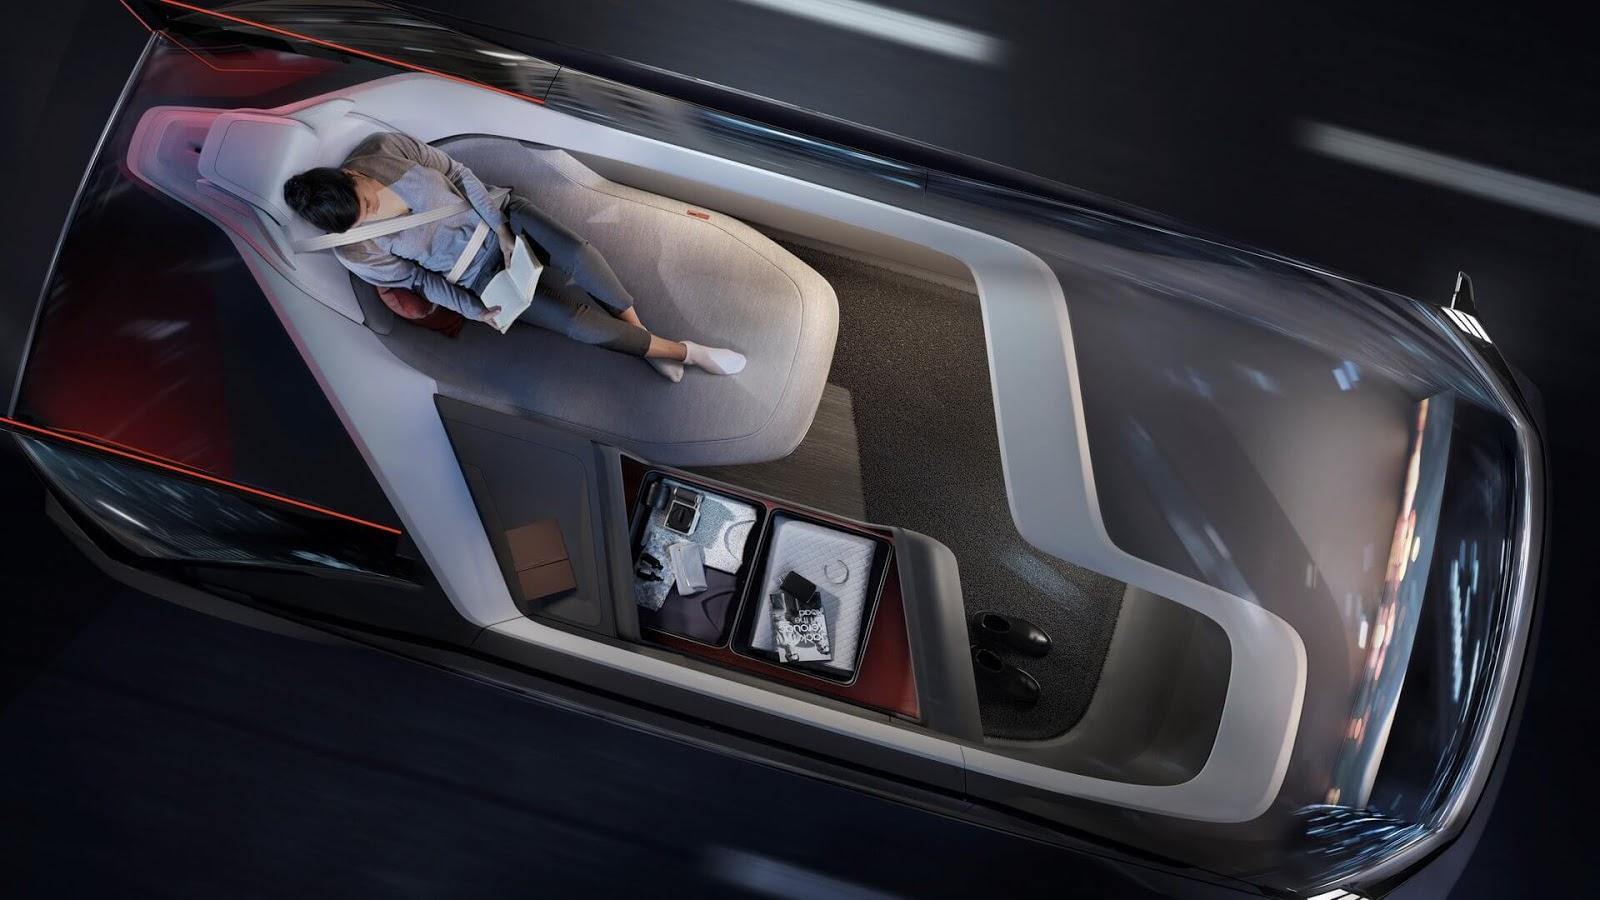 Volvo's 360c Autonomous Concept